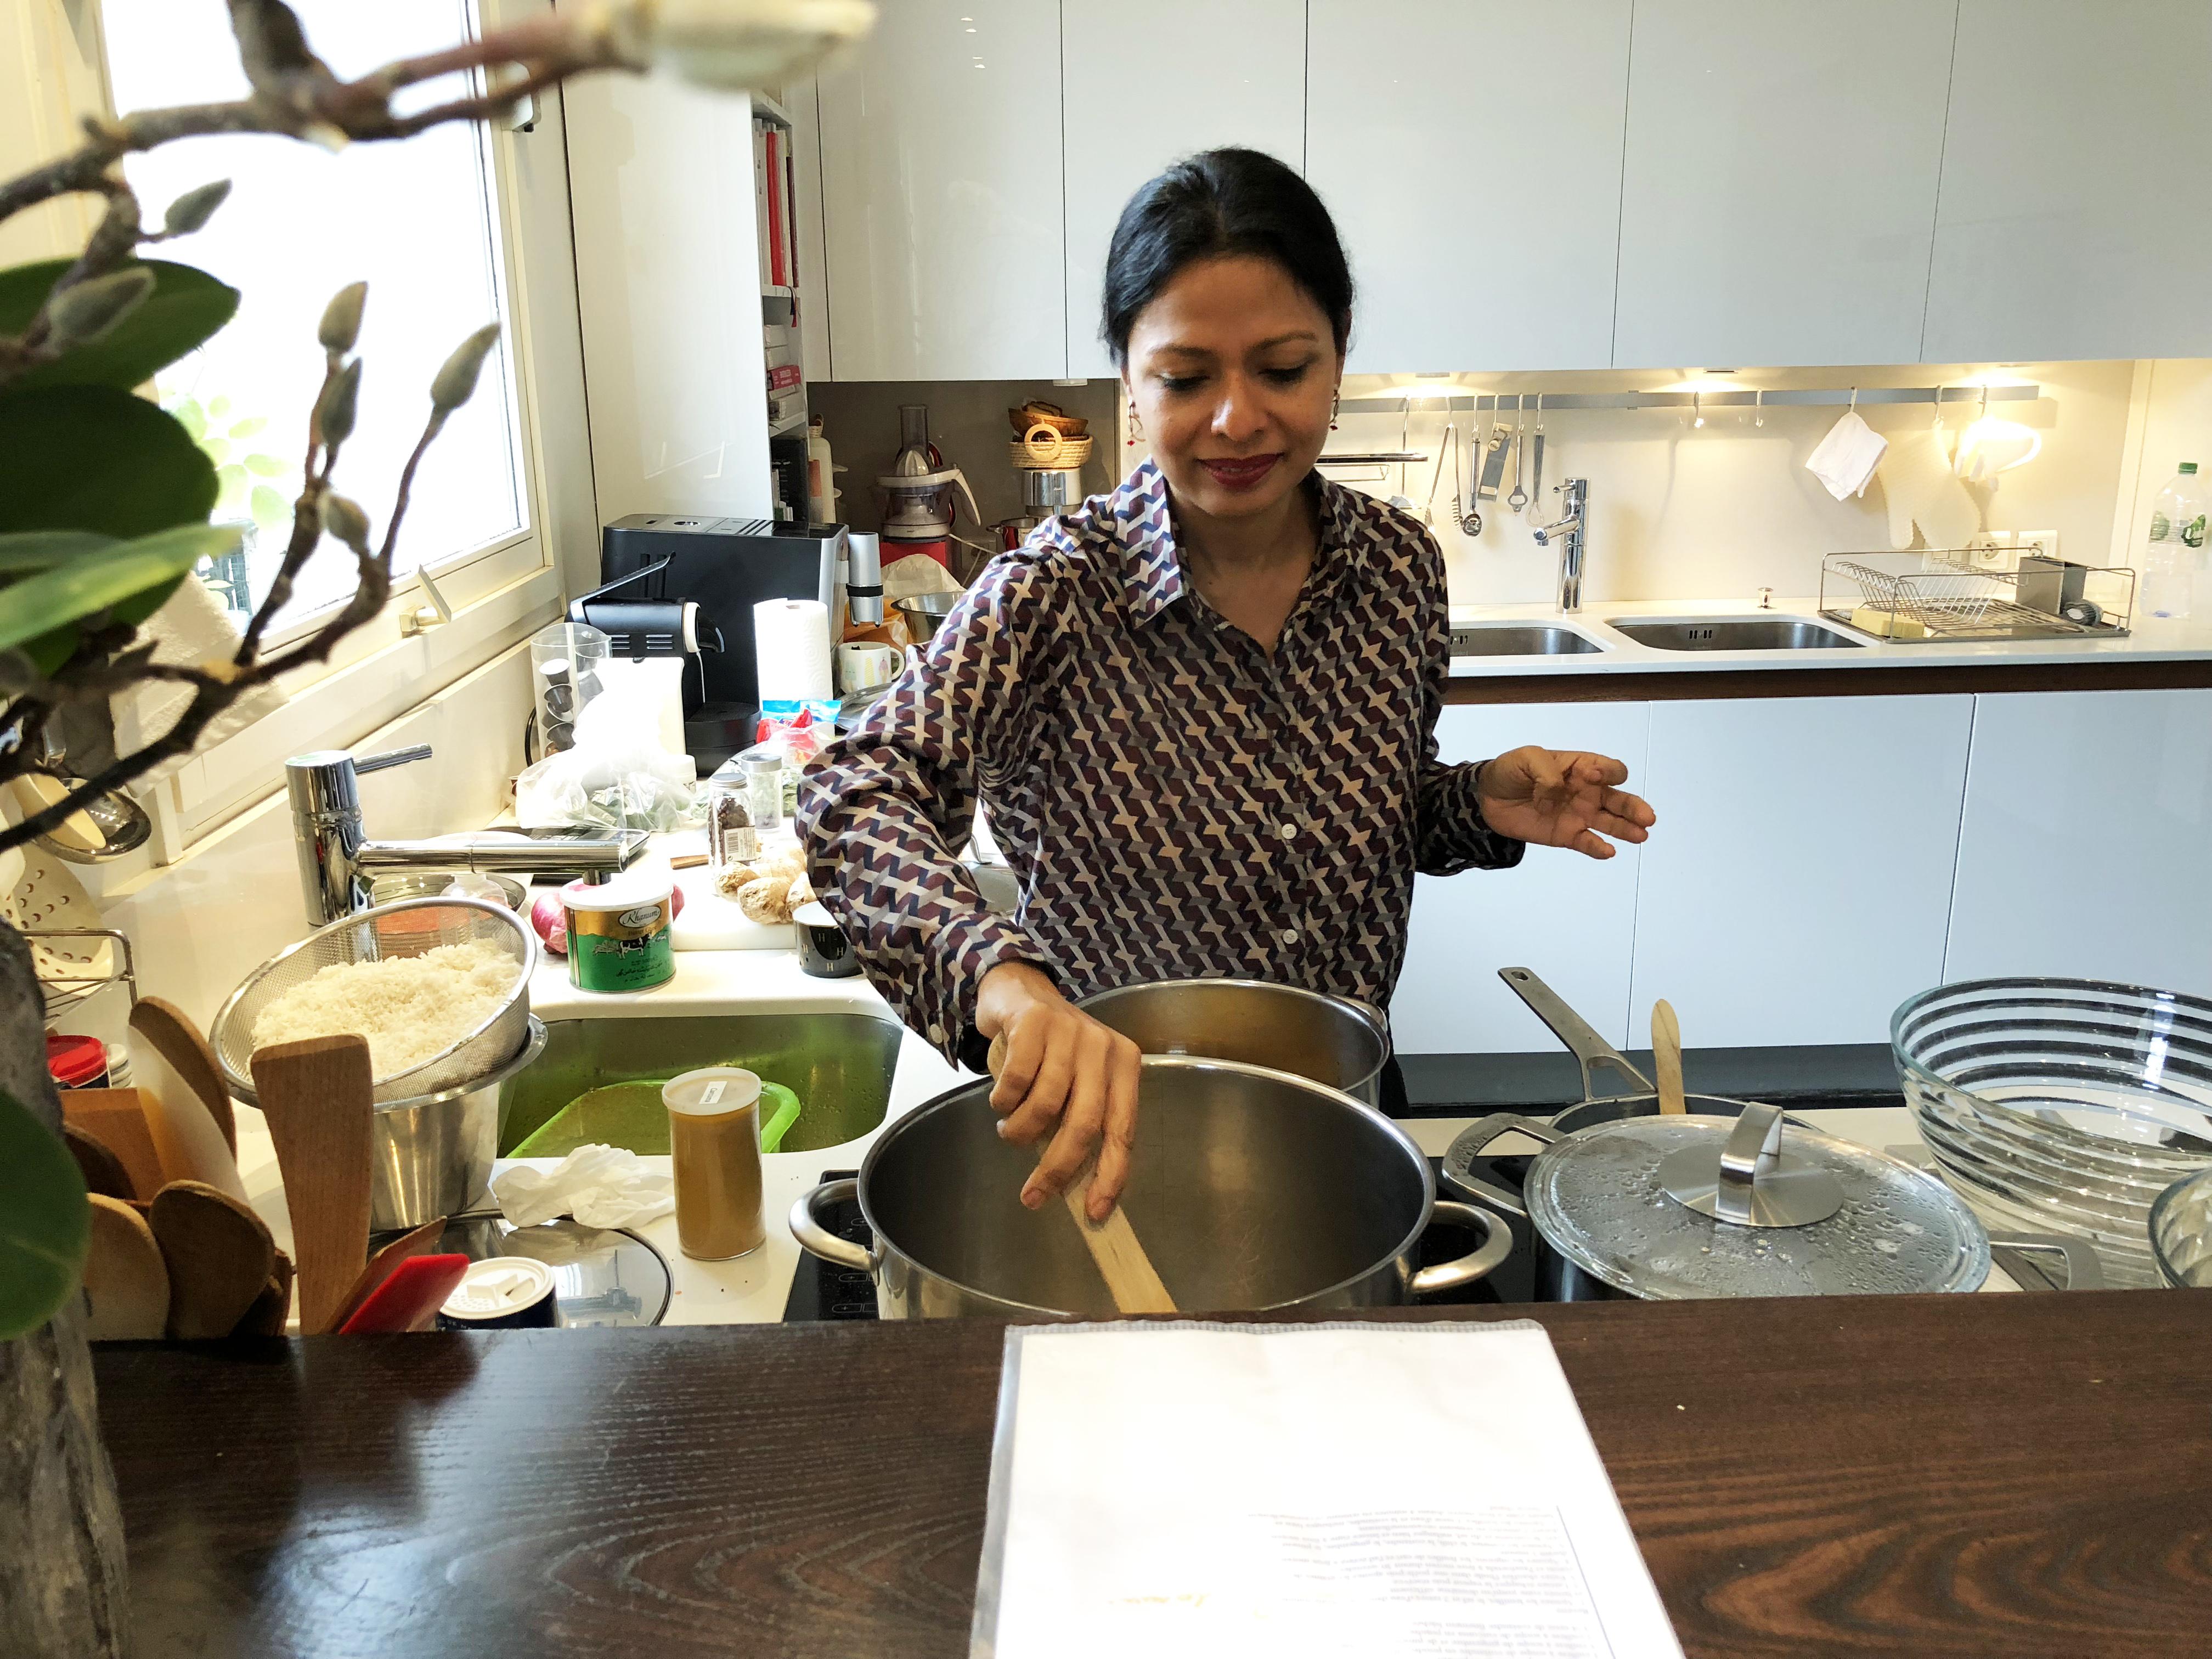 Usha preparing her delicious Indian recipes